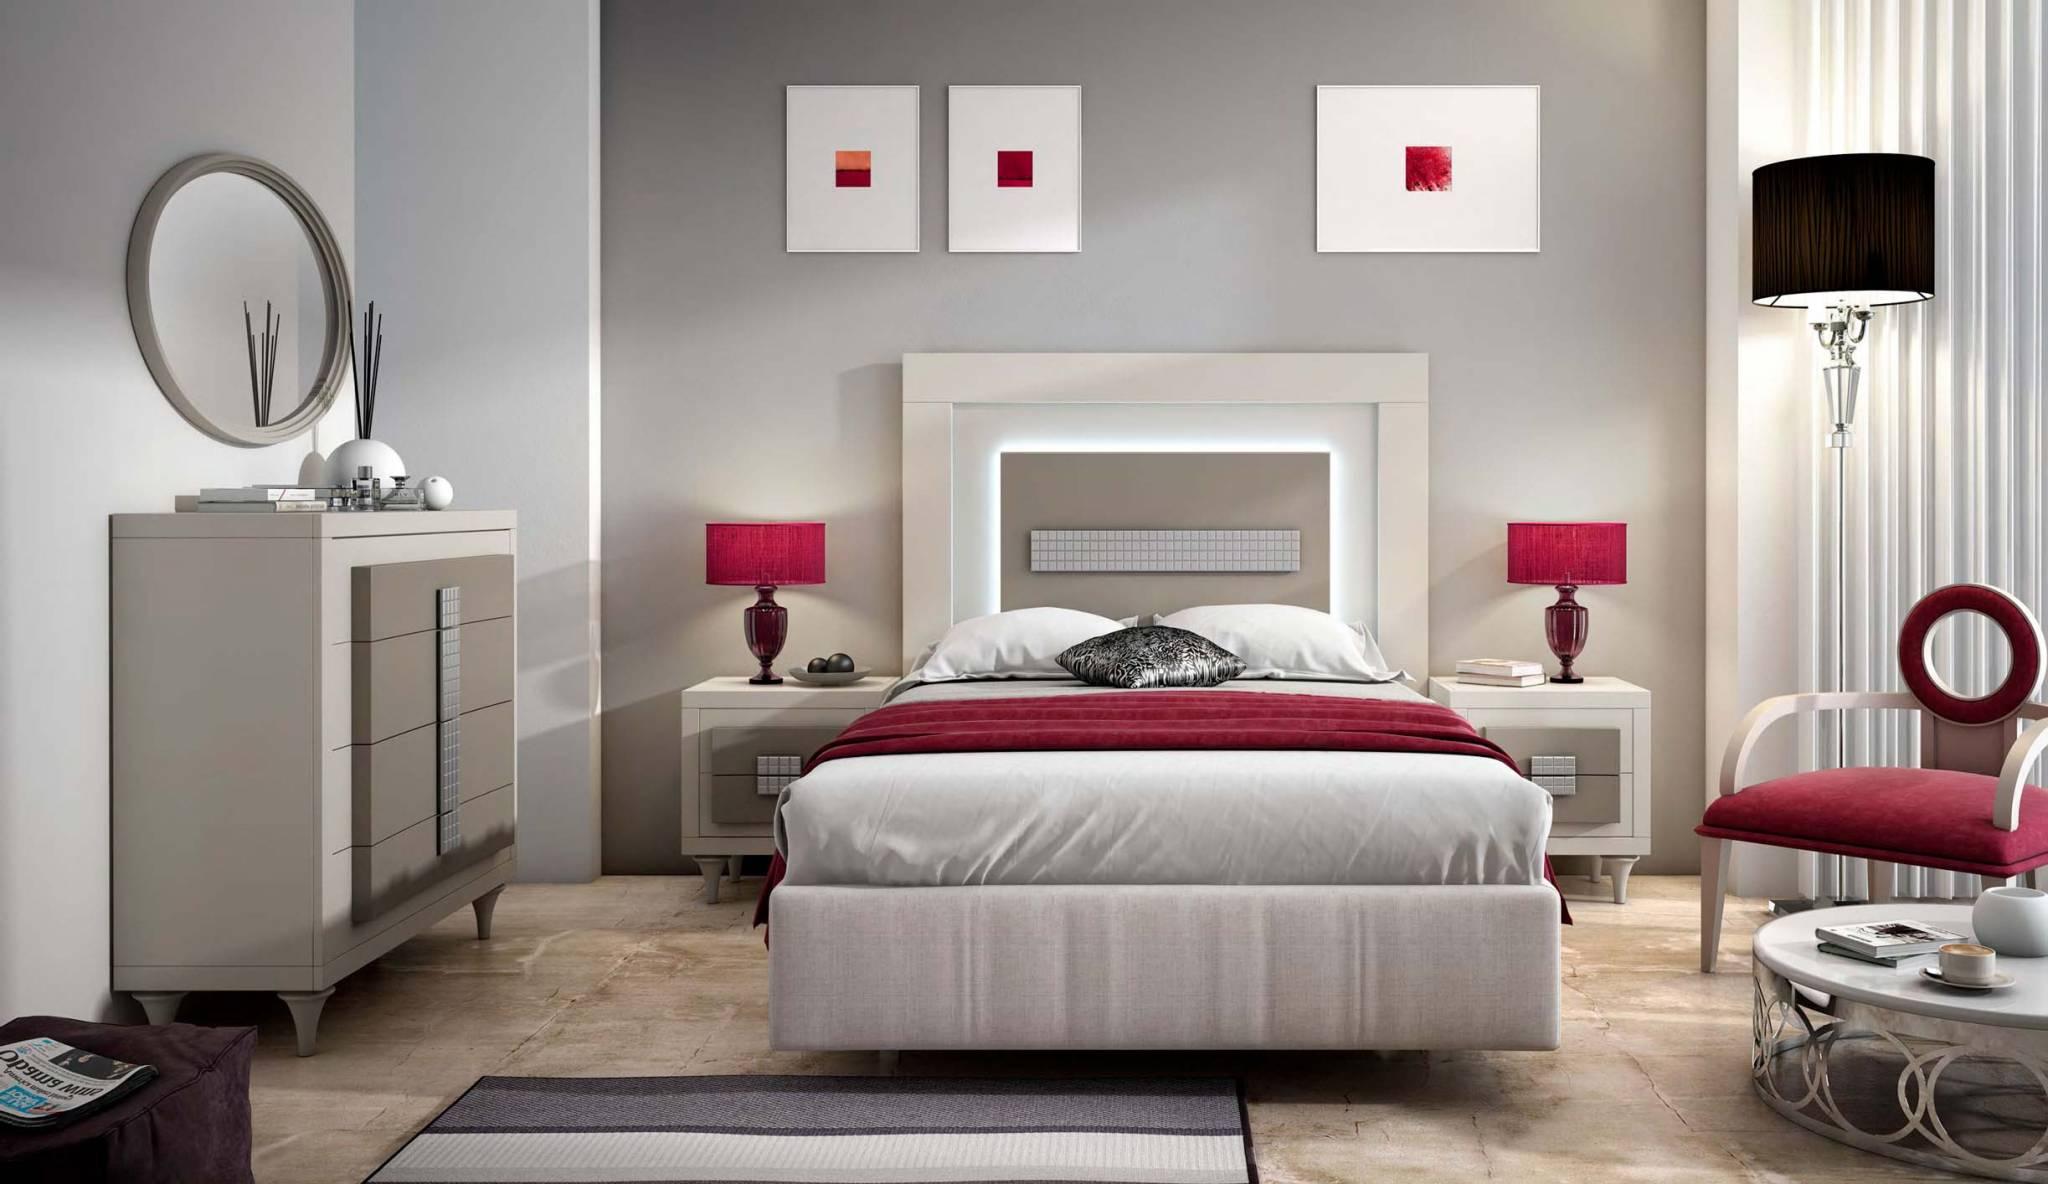 Dormitorio matrimonio carra muebles d azmuebles d az for Plafones pared dormitorio